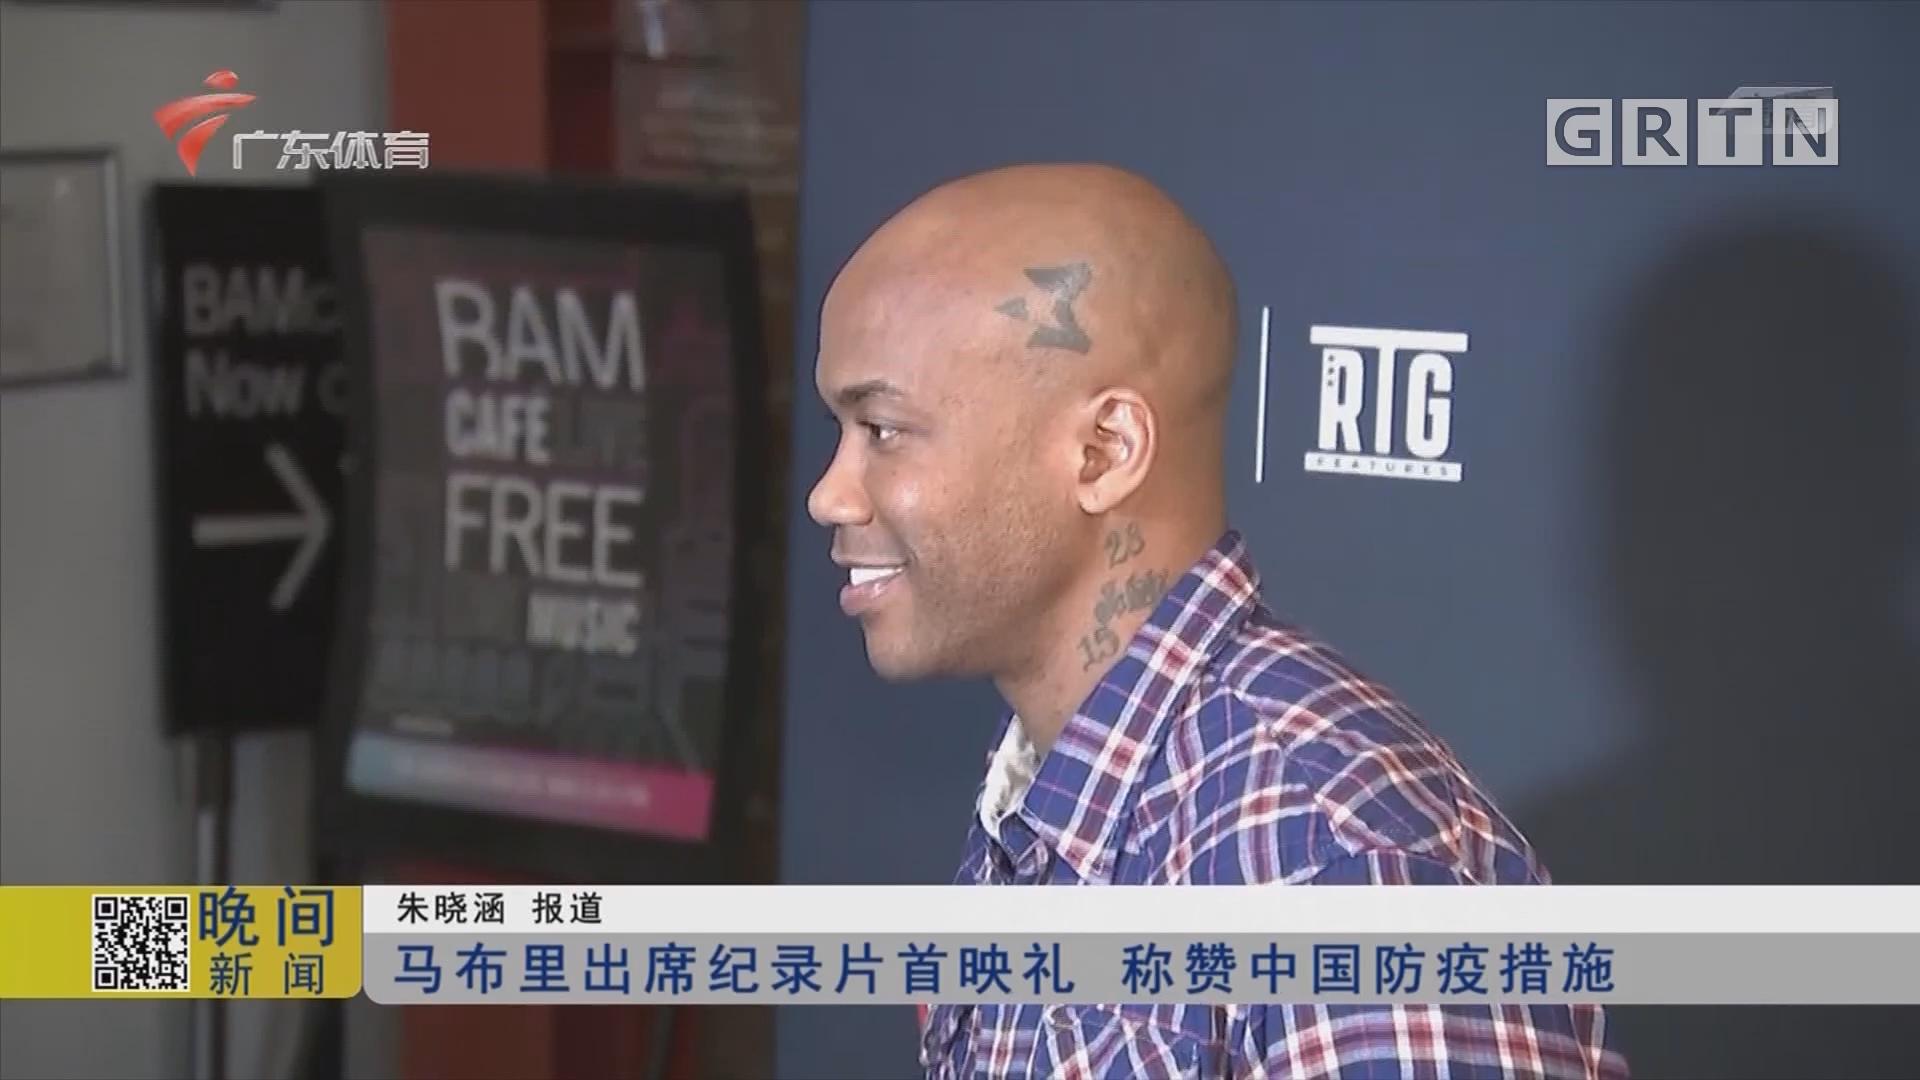 马布里出席纪录片首映礼 称赞中国防疫措施